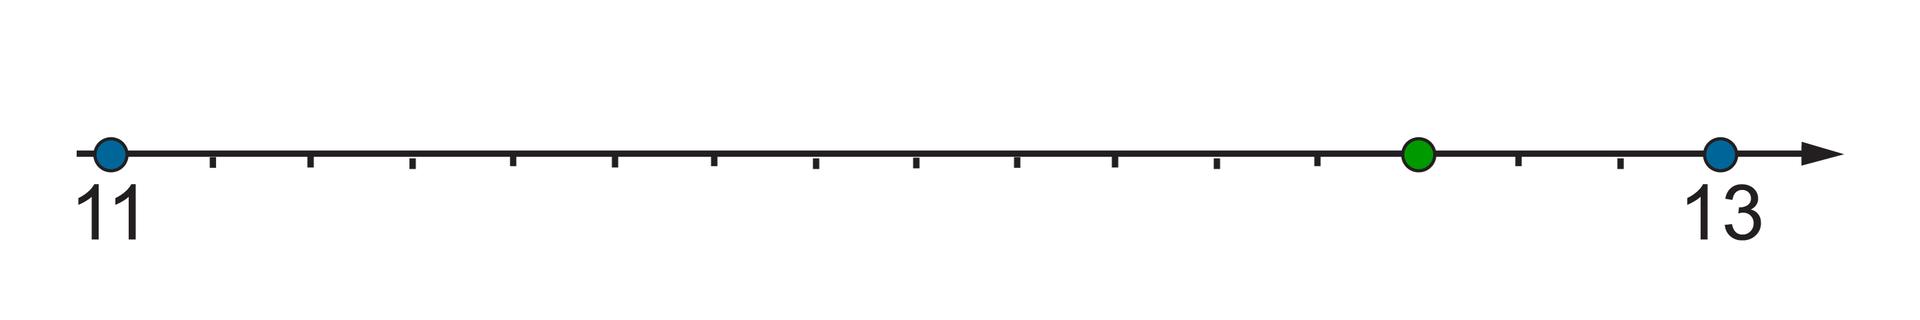 Rysunek osi liczbowej zzaznaczonymi punktami 11, 13. Odcinek pomiędzy punktami 11 i13 podzielono na 16 równych części. Szukana liczba wyznacza trzynaście części za punktem 11.